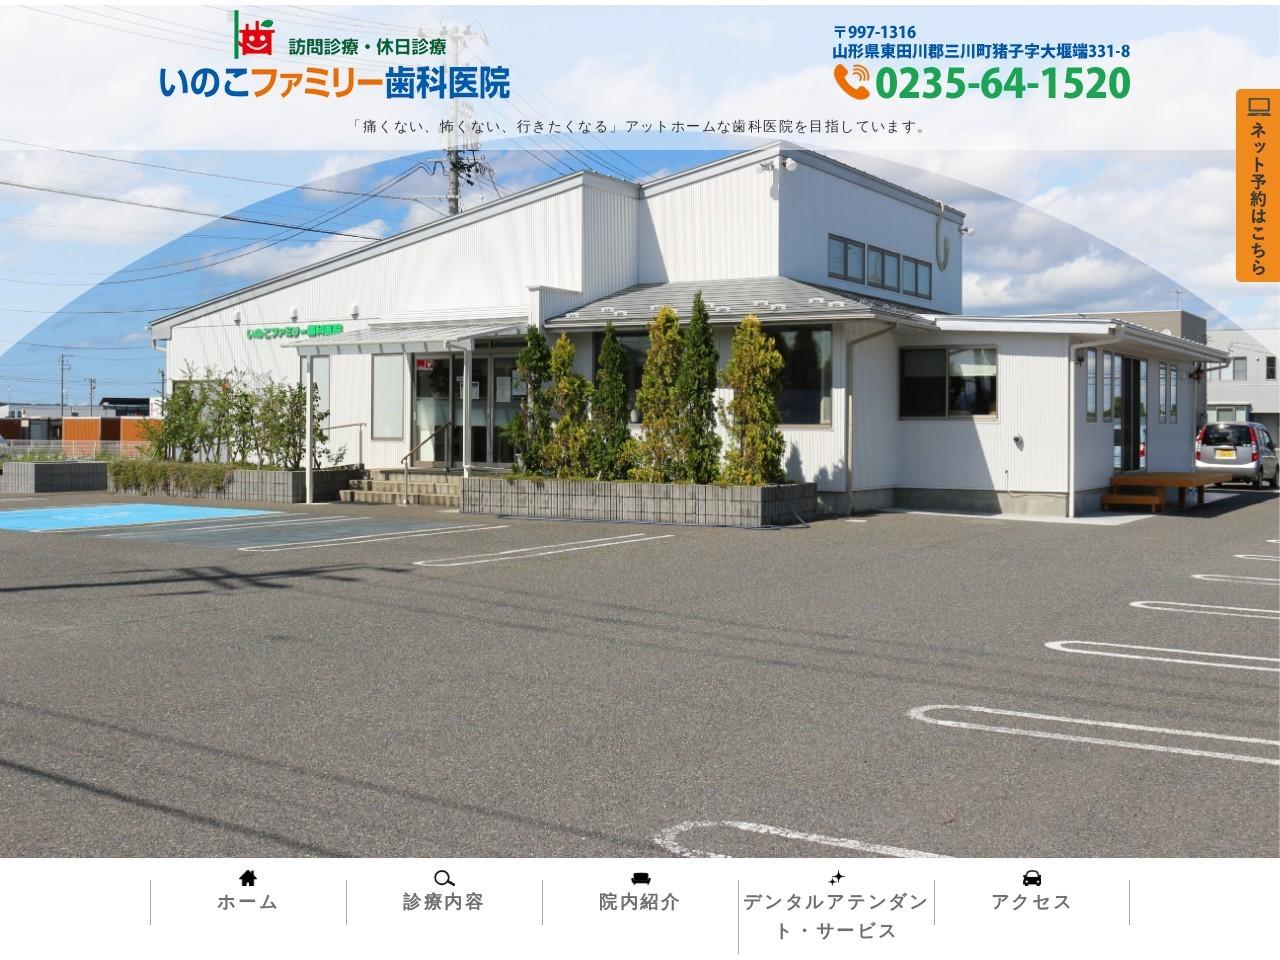 いのこファミリー歯科医院 (山形県東田川郡三川町)